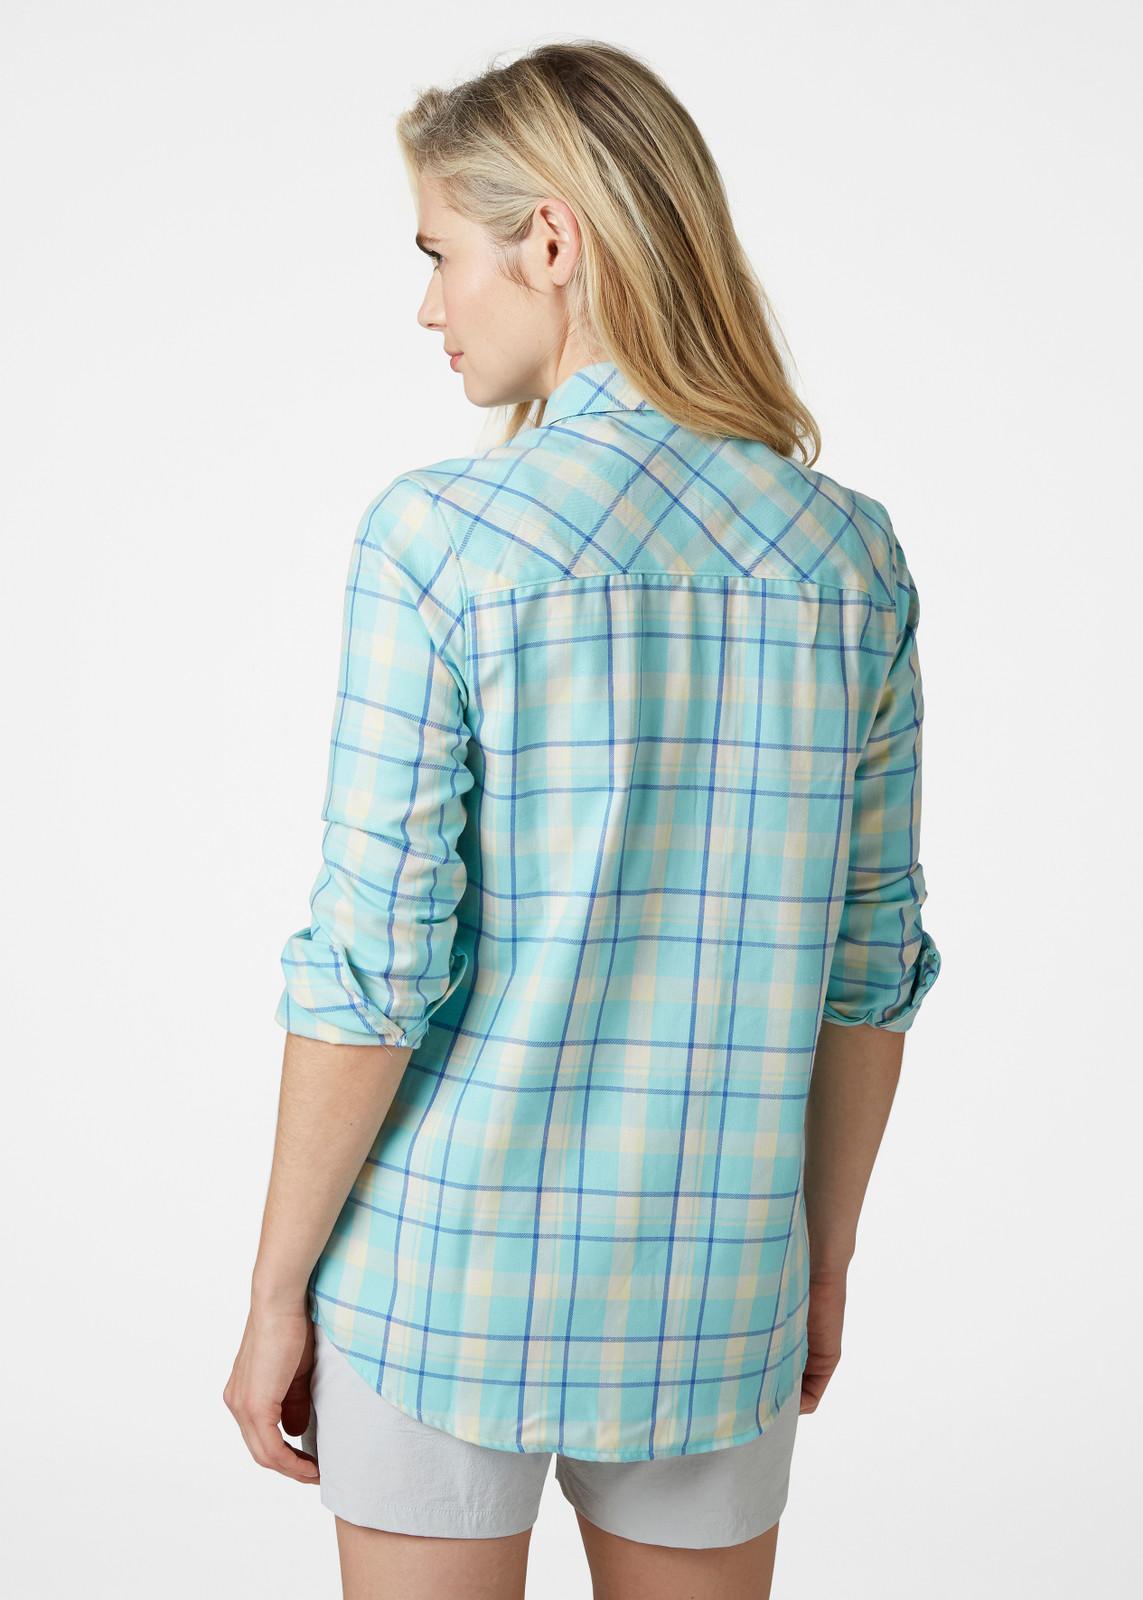 Helly Hansen Lokka LS Shirt, Women's - Glacier Blue, 62875-648 on model back